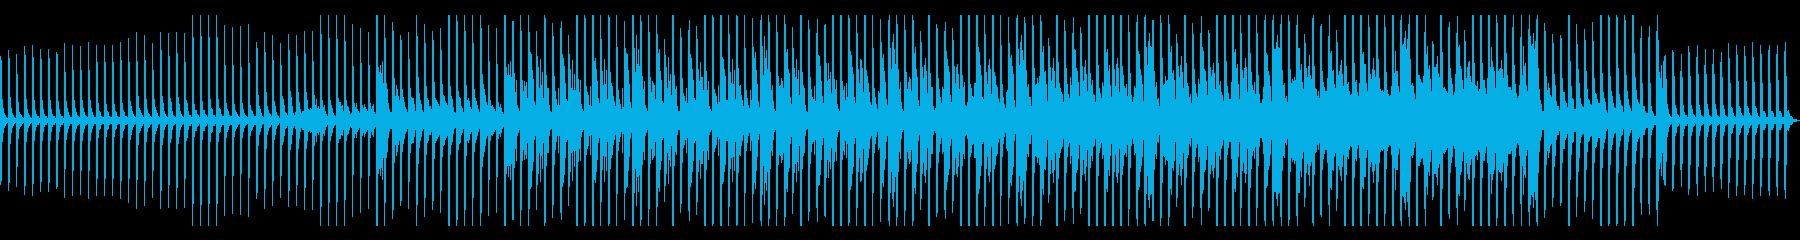 サスペンス系に適した緊迫感のあるBGMの再生済みの波形